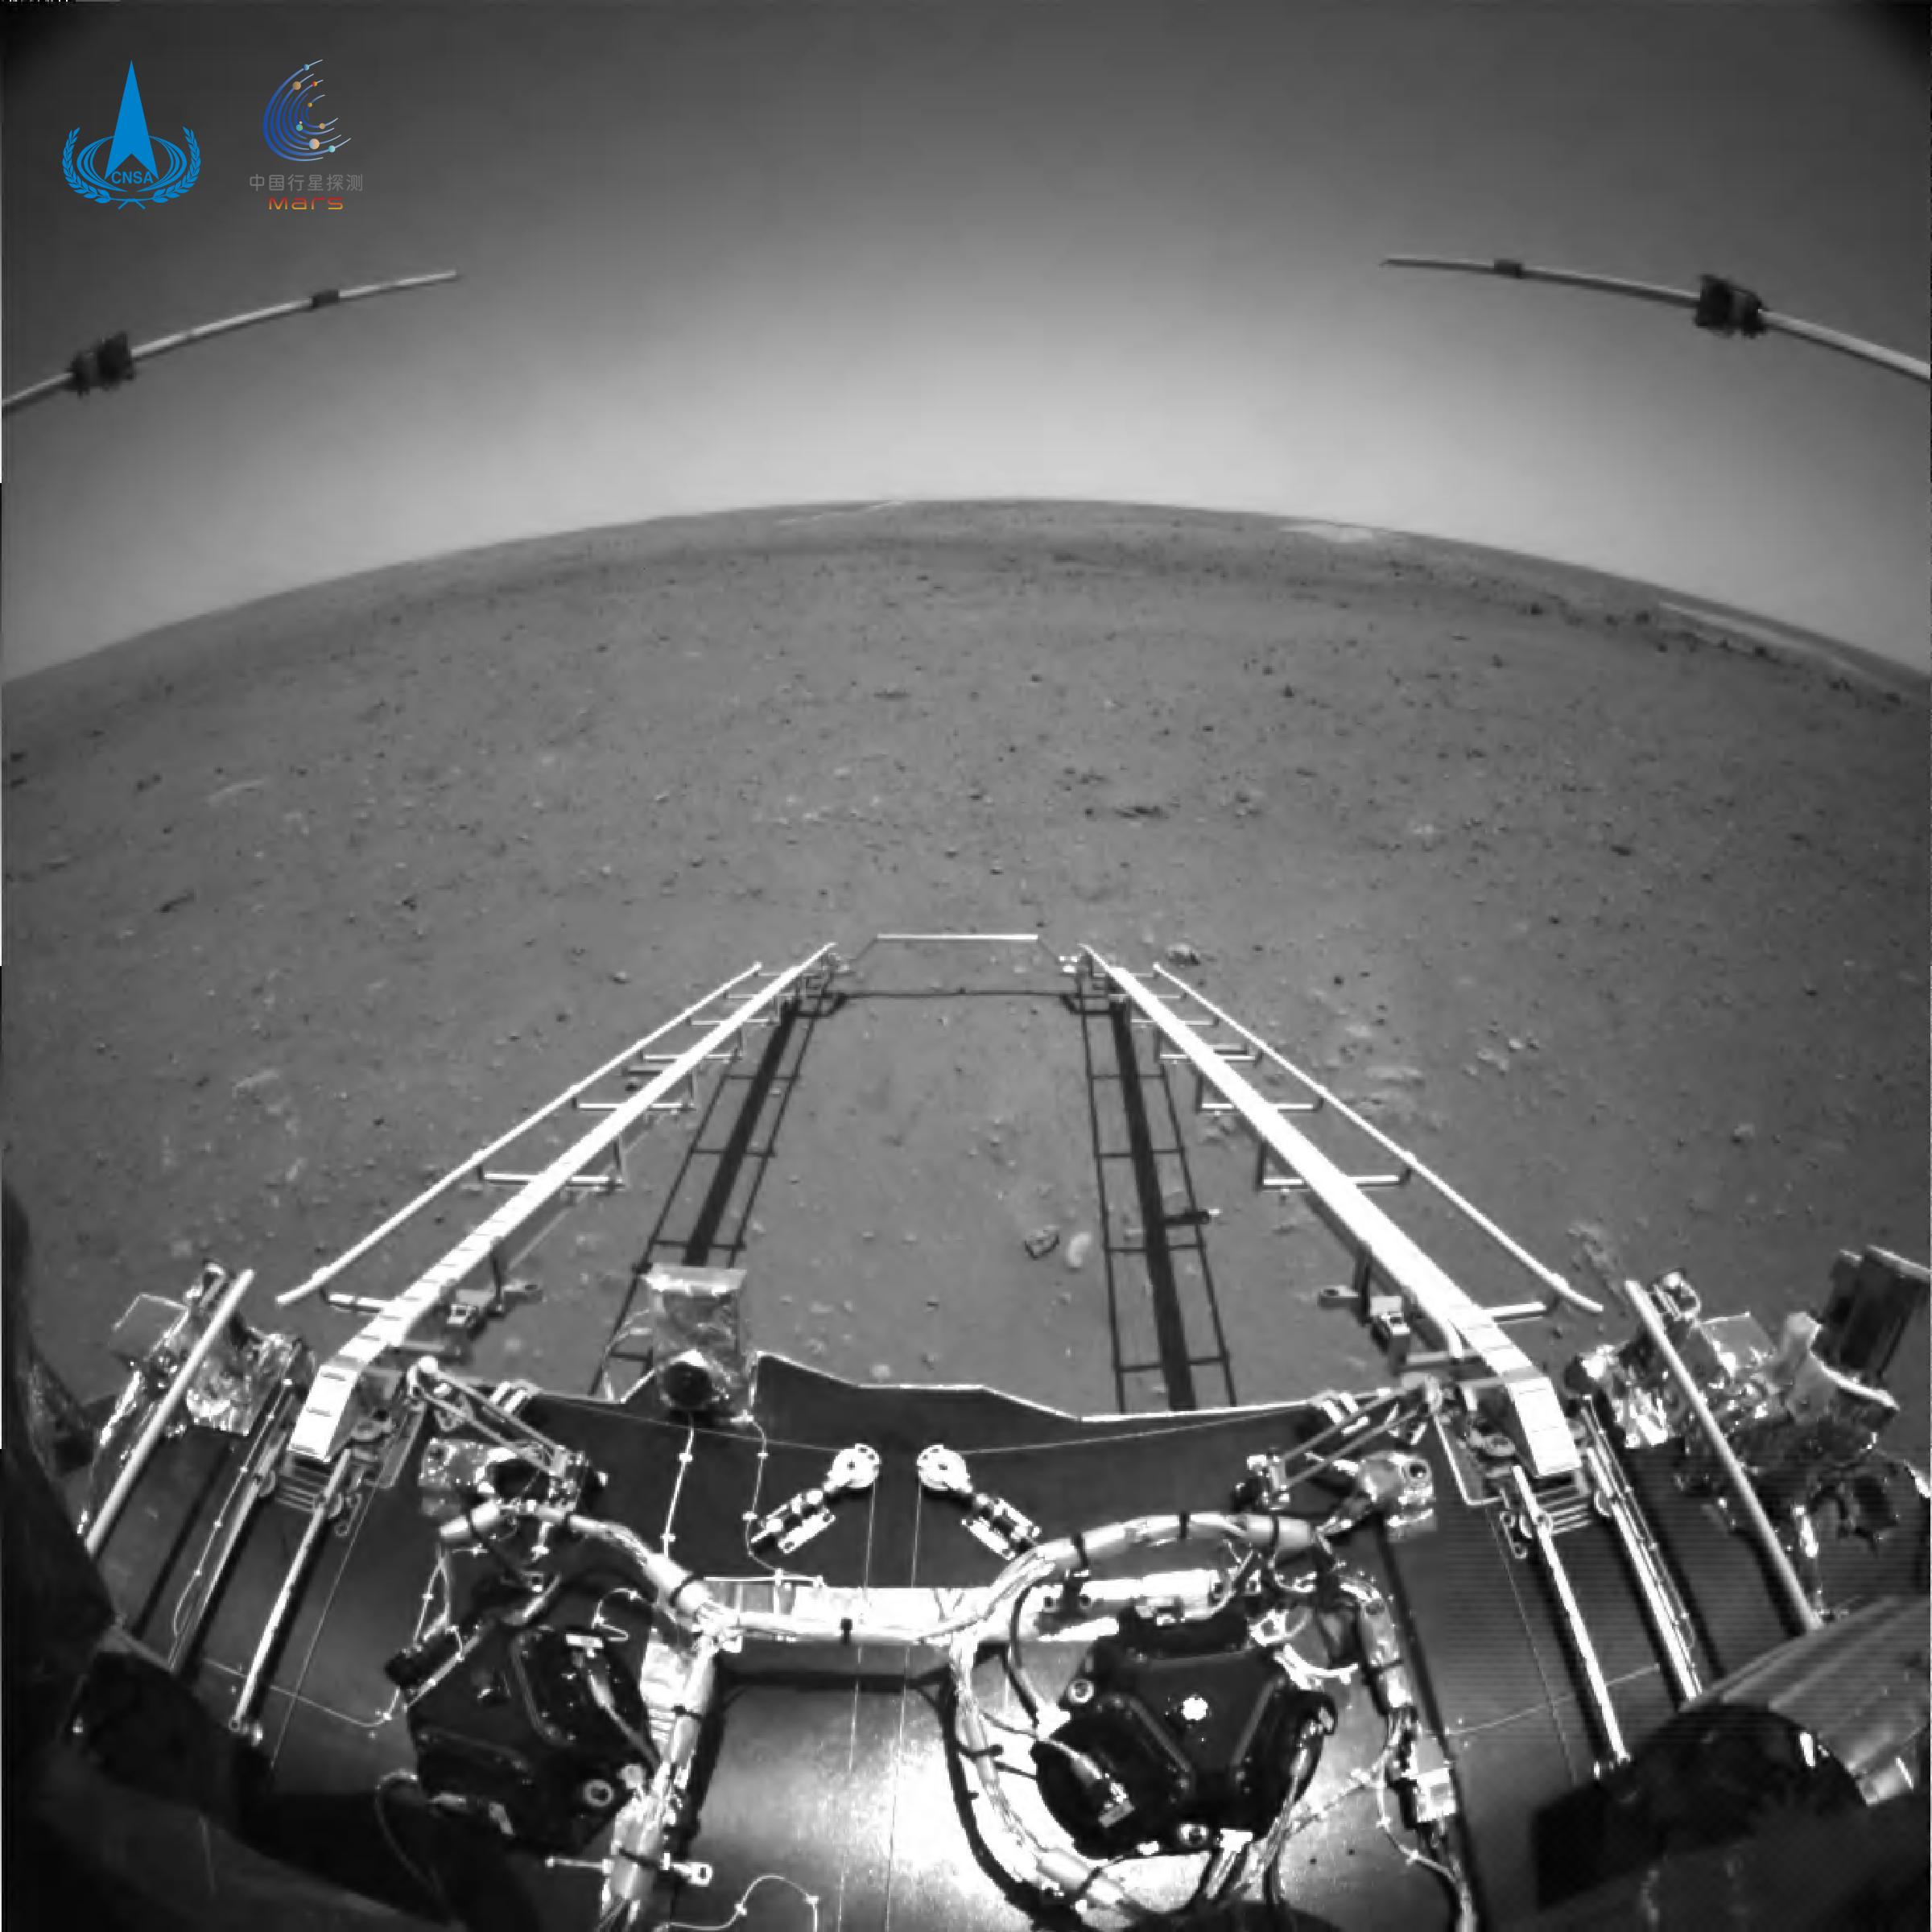 Китайский зонд Tianwen-1 прислал первые кадры с поверхности Марса – фото